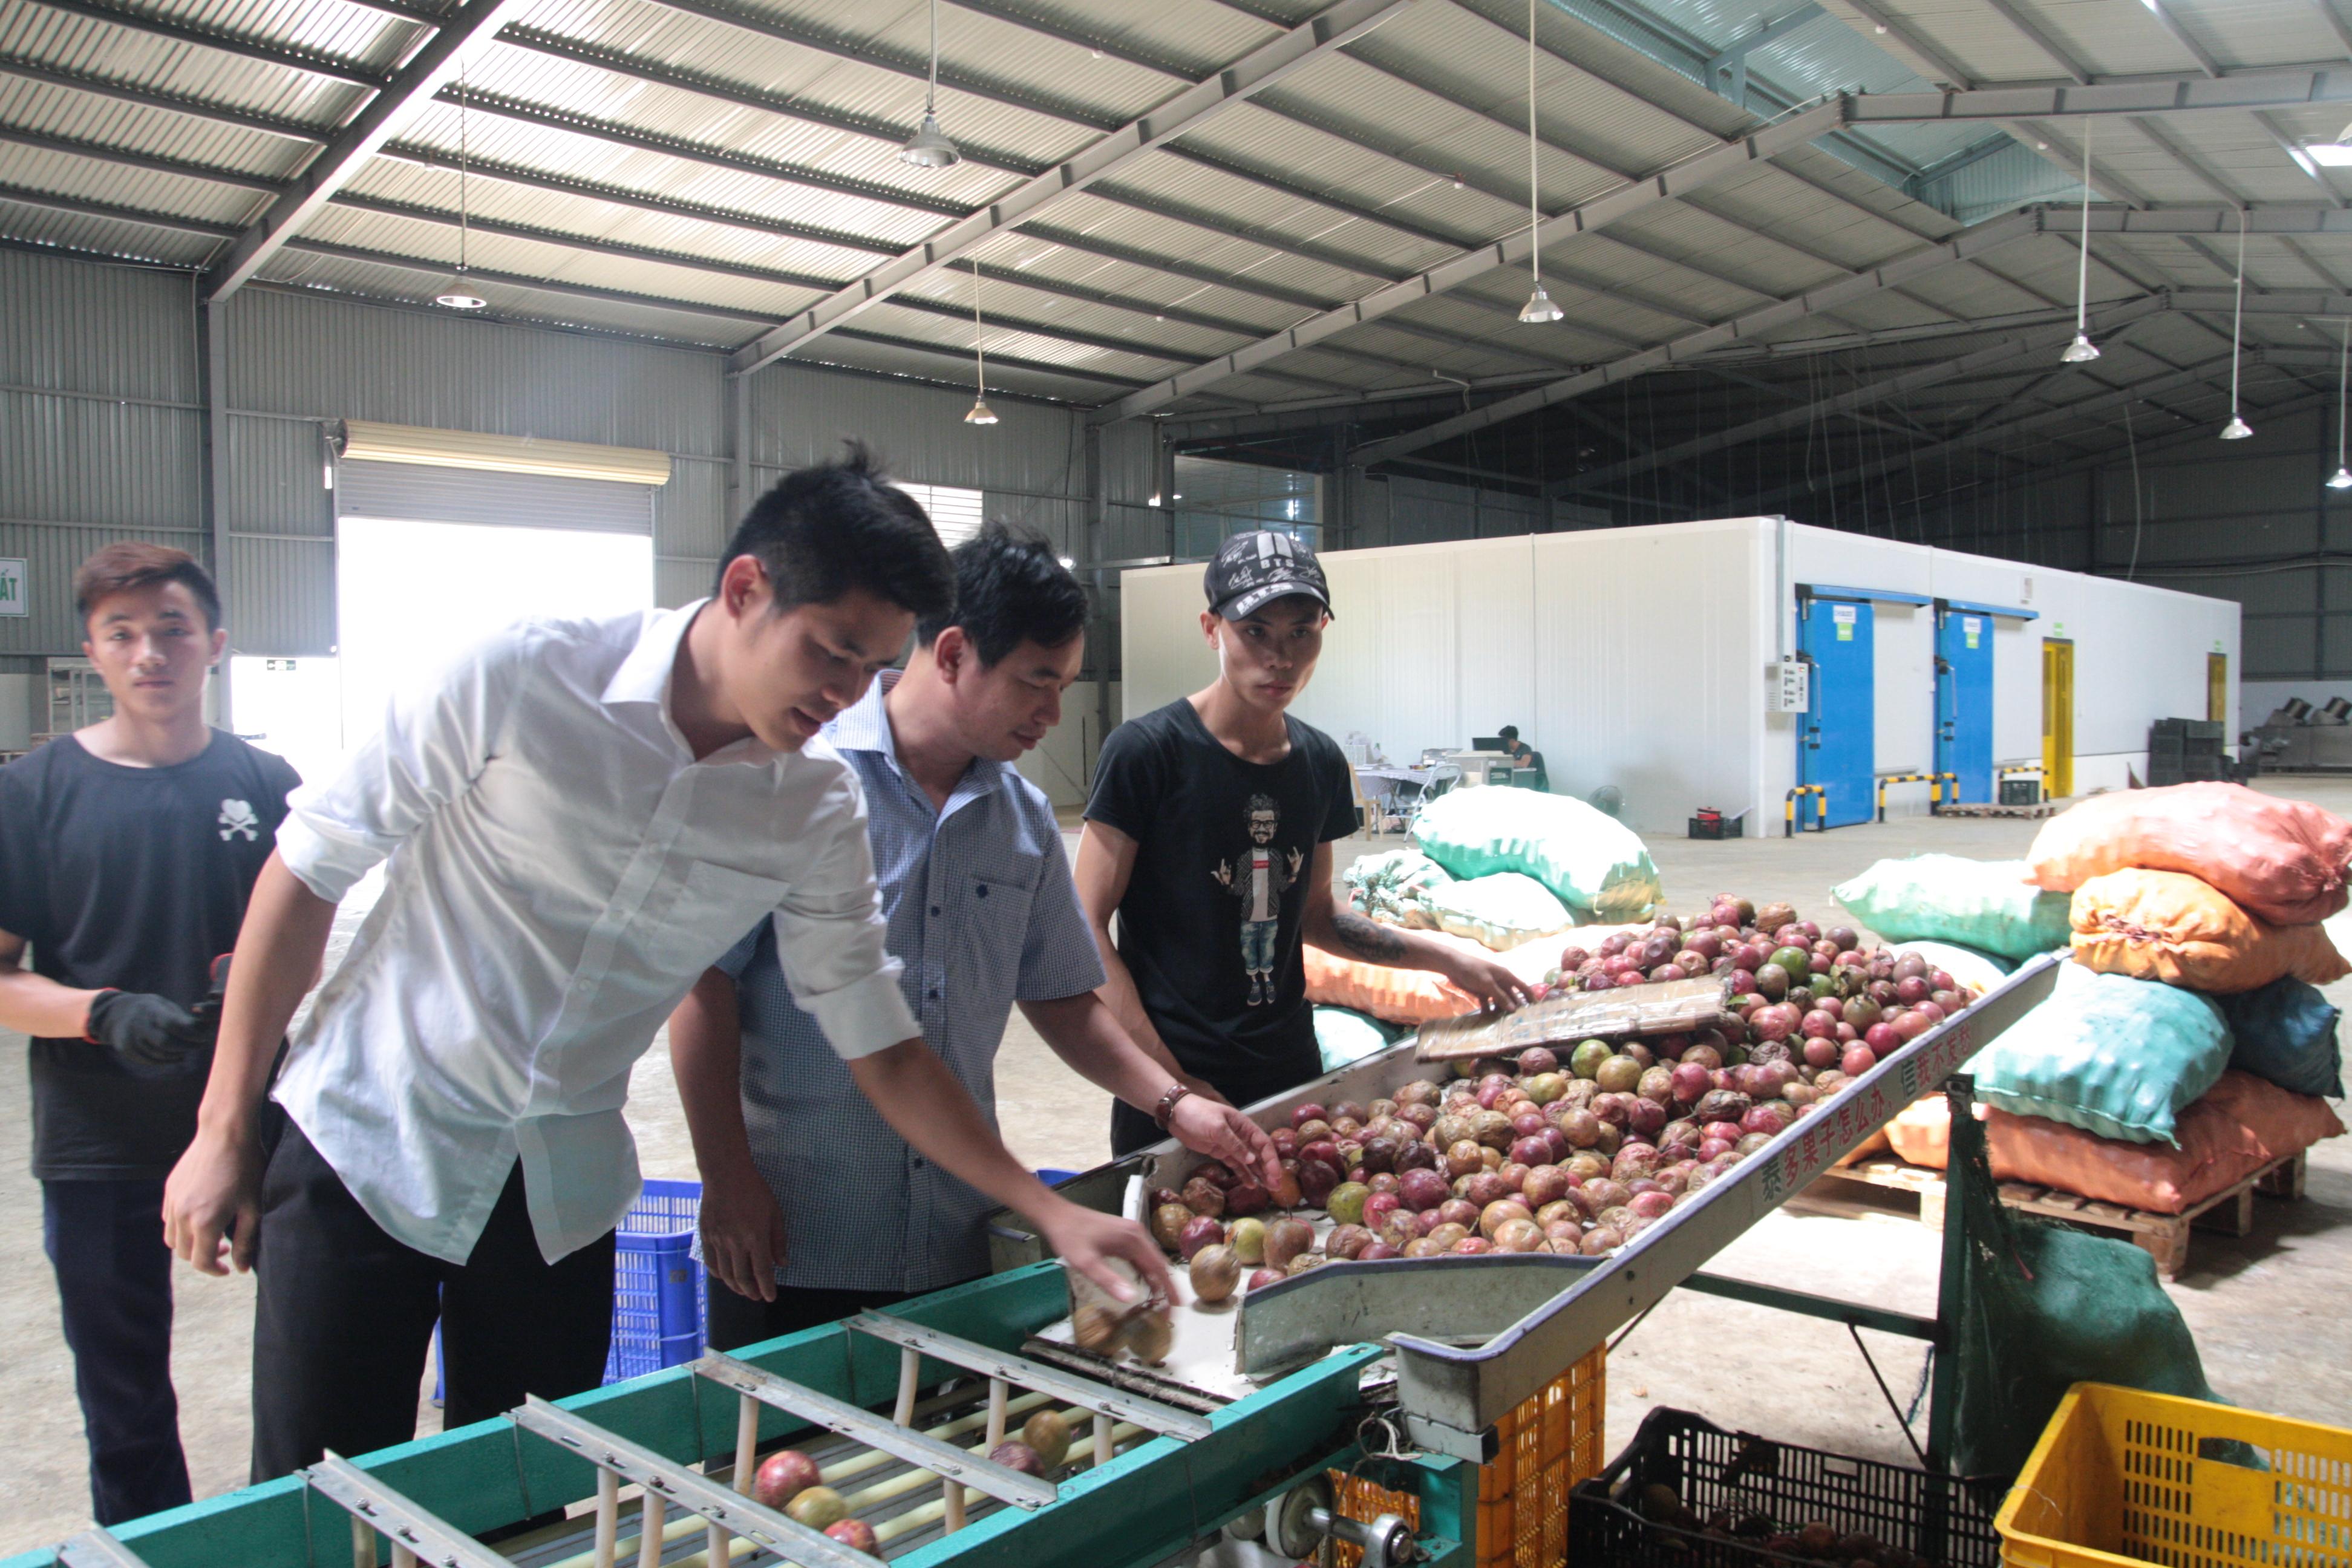 Muốn thúc đẩy doanh nghiệp đầu tư vào lĩnh vực chế biến nông sản, cần phải có những chính sách thu hút phù hợp